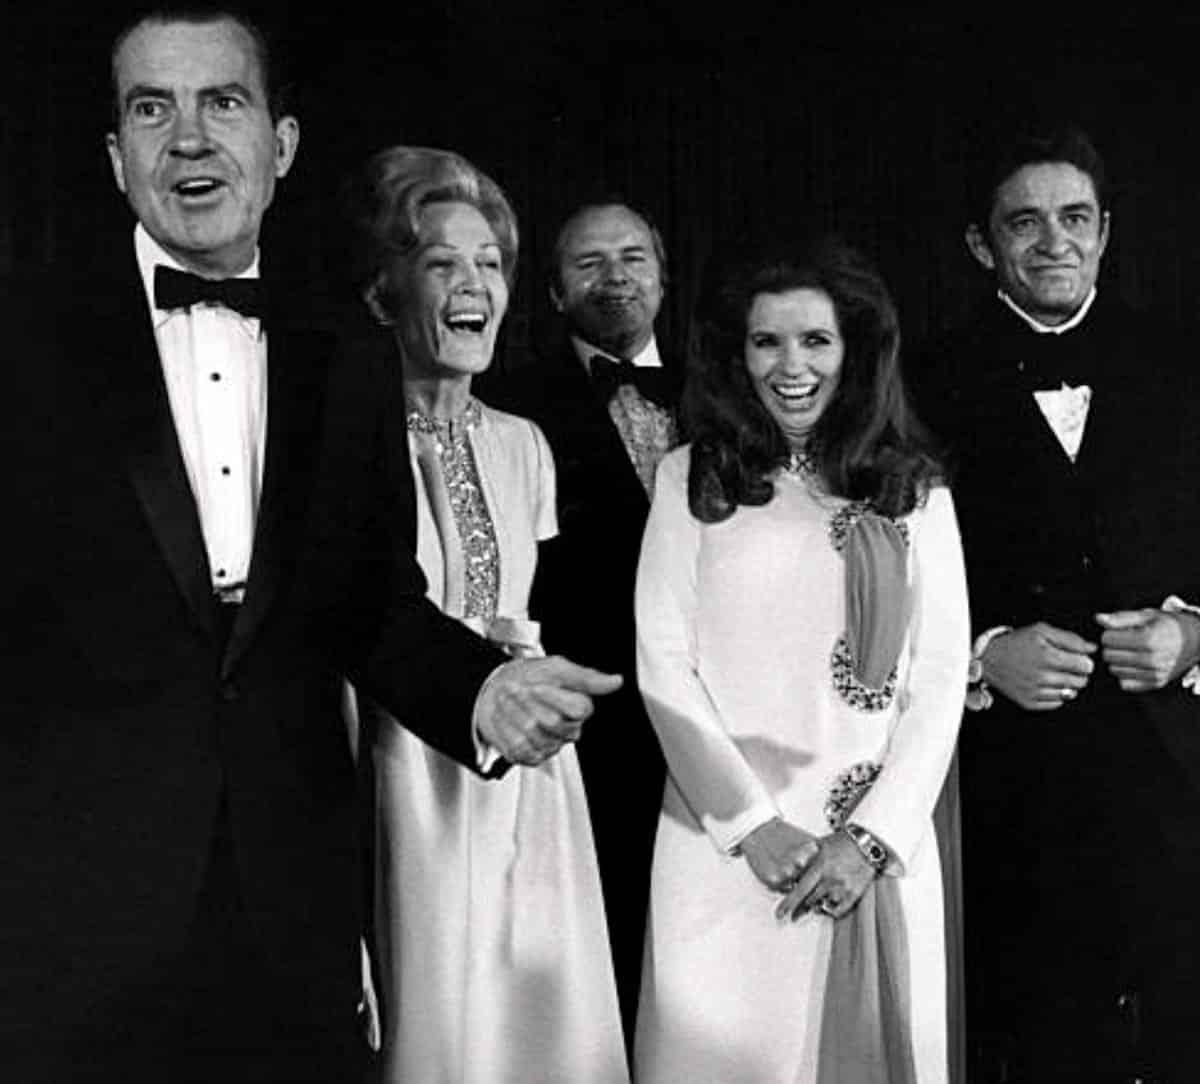 Beyaz Saray konseri öncesi, Richard Nixon ve Johnny Cash eşleriyle poz veriyor.